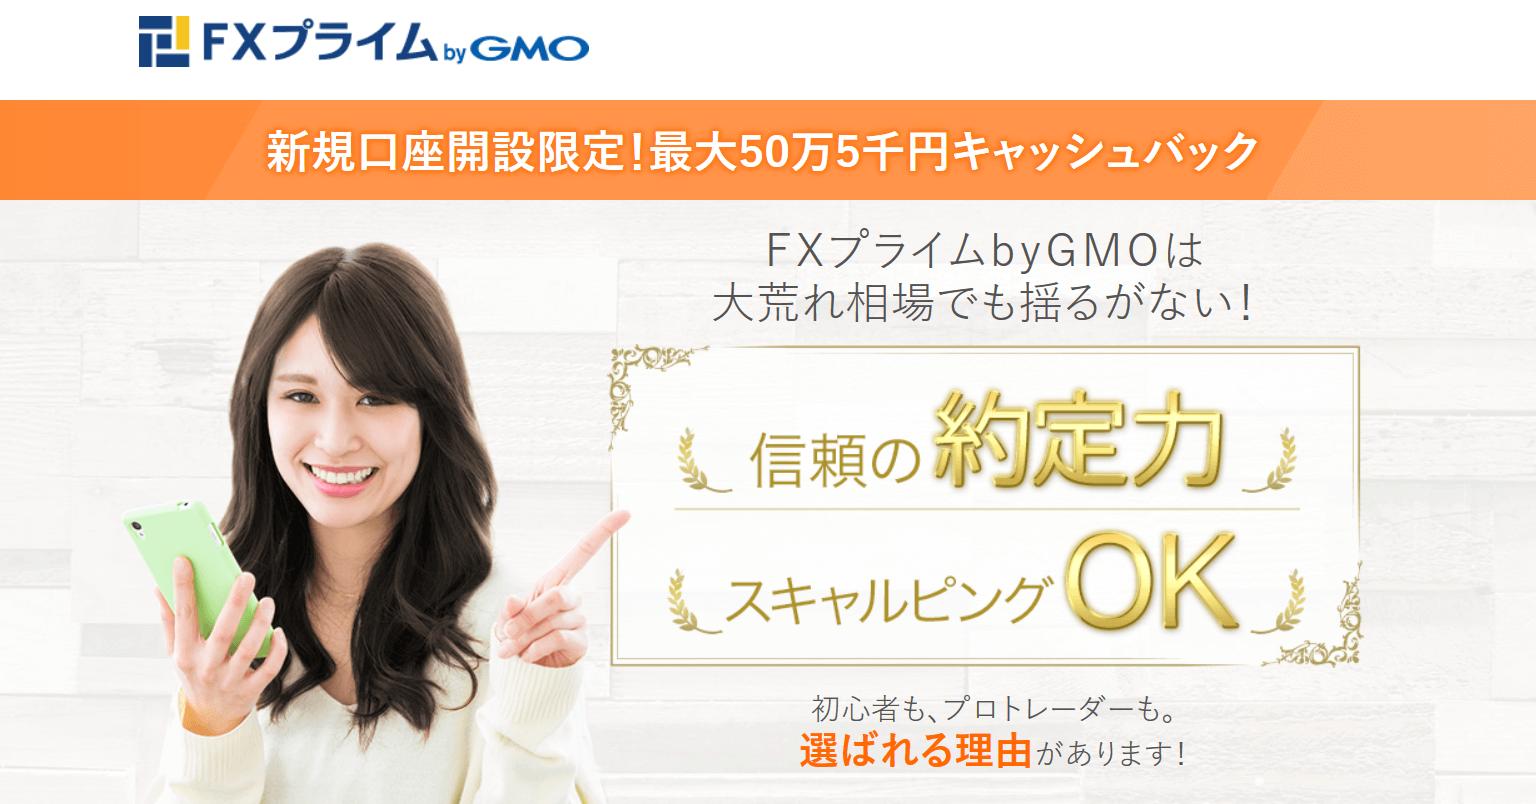 FXプライム byGMO 口座開設キャッシュバックに迫る!